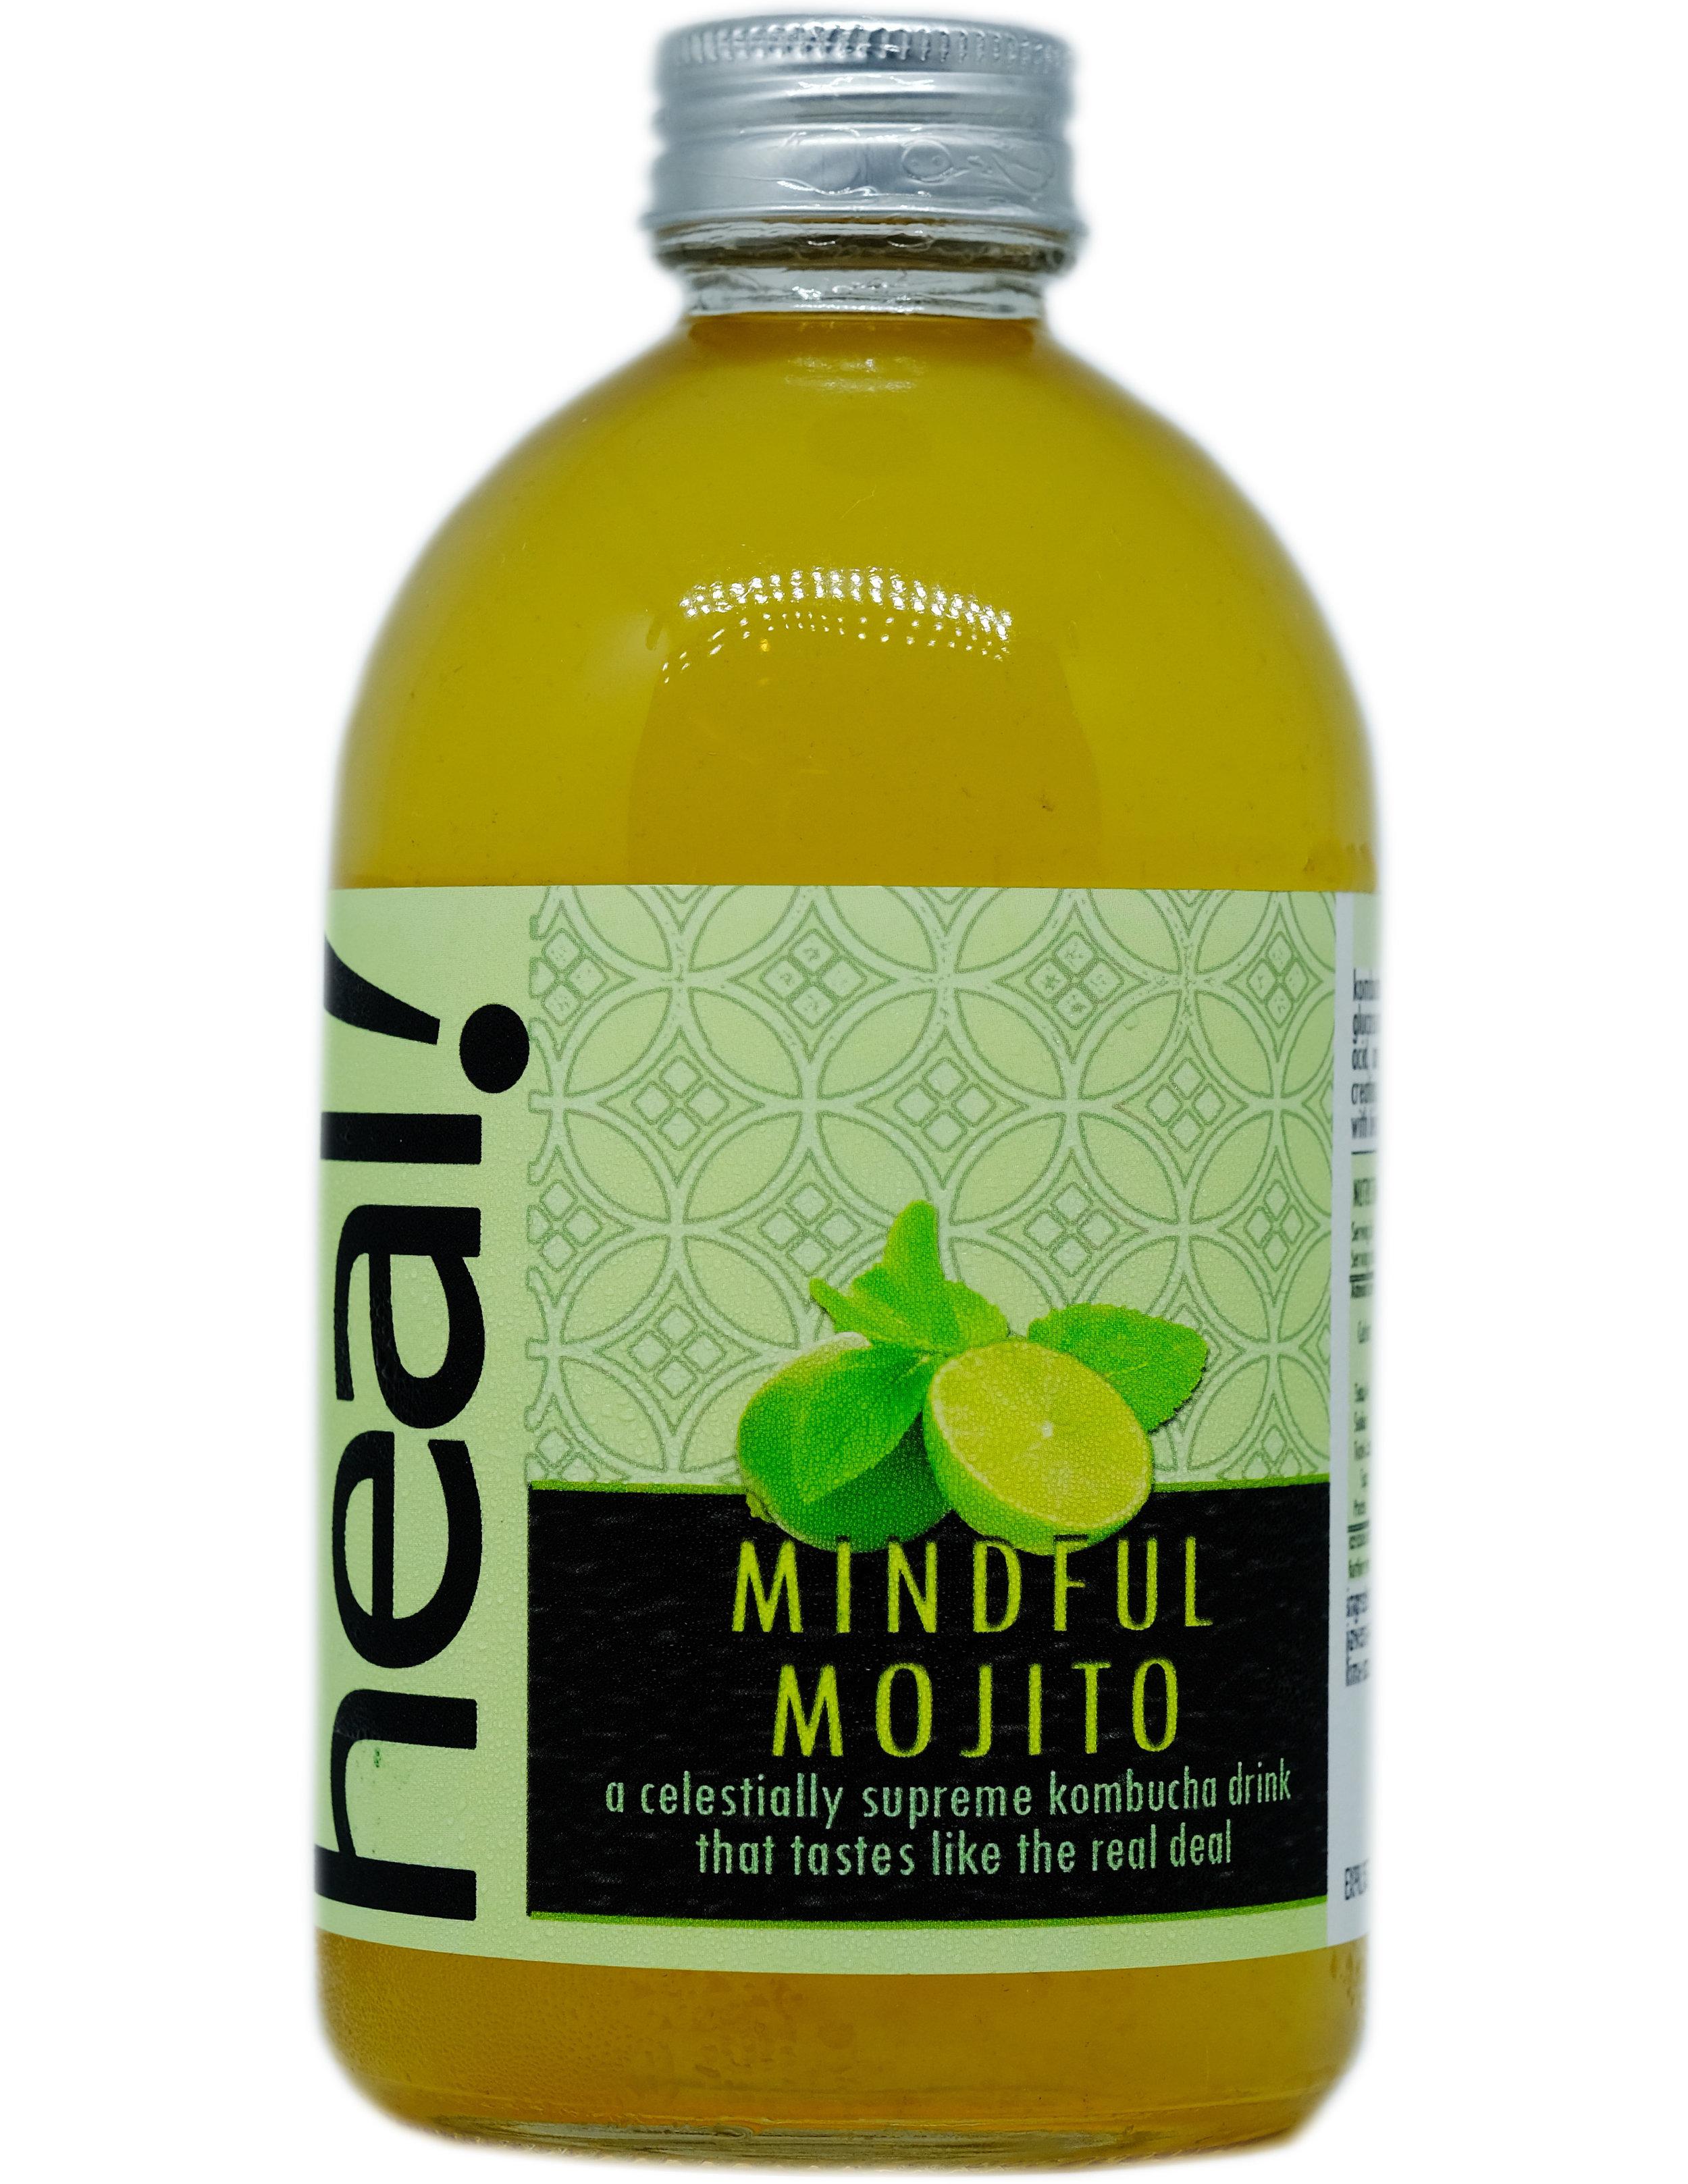 Minuman Mojito sangat popular di dunia. Berasal dari Mexico, asli Mojito dibuat dengan cara menggerus daun mint dengan gula kasar dengan semacam ulekan, lalu ditambah jus jeruk nipis, es dan rhum.  Mindful Mojito kita halal, tidak mengandung alkohol. Rasanya? Ditanggung tidak kalah dengan Mojito asli Mexico, dan pastinya jauh lebih sehat dengan kandungan probiotik dari kombucha. Mengandung vitamin dan antioksidan, rasanya segar sekali sehingga sangat cocok untuk pemula kombucha. Jangan lupa, daun mint pun sangat sehat dan berkhasiat untuk membantu pencernaan. Ayo dicoba!  Komposisi: Air Mineral, Kultur Kombucha, Teh Jawa Oolong, Gula Tebu Alami, Jus Jeruk Nipis Segar, Daun Mint  Kalori 45, Gula 6,5 gram per 175 ml sebelum fermentasi kedua yang membuat kadar kalori dan gula akan menjadi lebih rendah lagi.  Minuman ini dikemas dalam botol gelas, 100% recyclable, reusable, dan  refundable . 370 ml.  RESEP  klik di sini   KONTAK KAMI  klik di sini